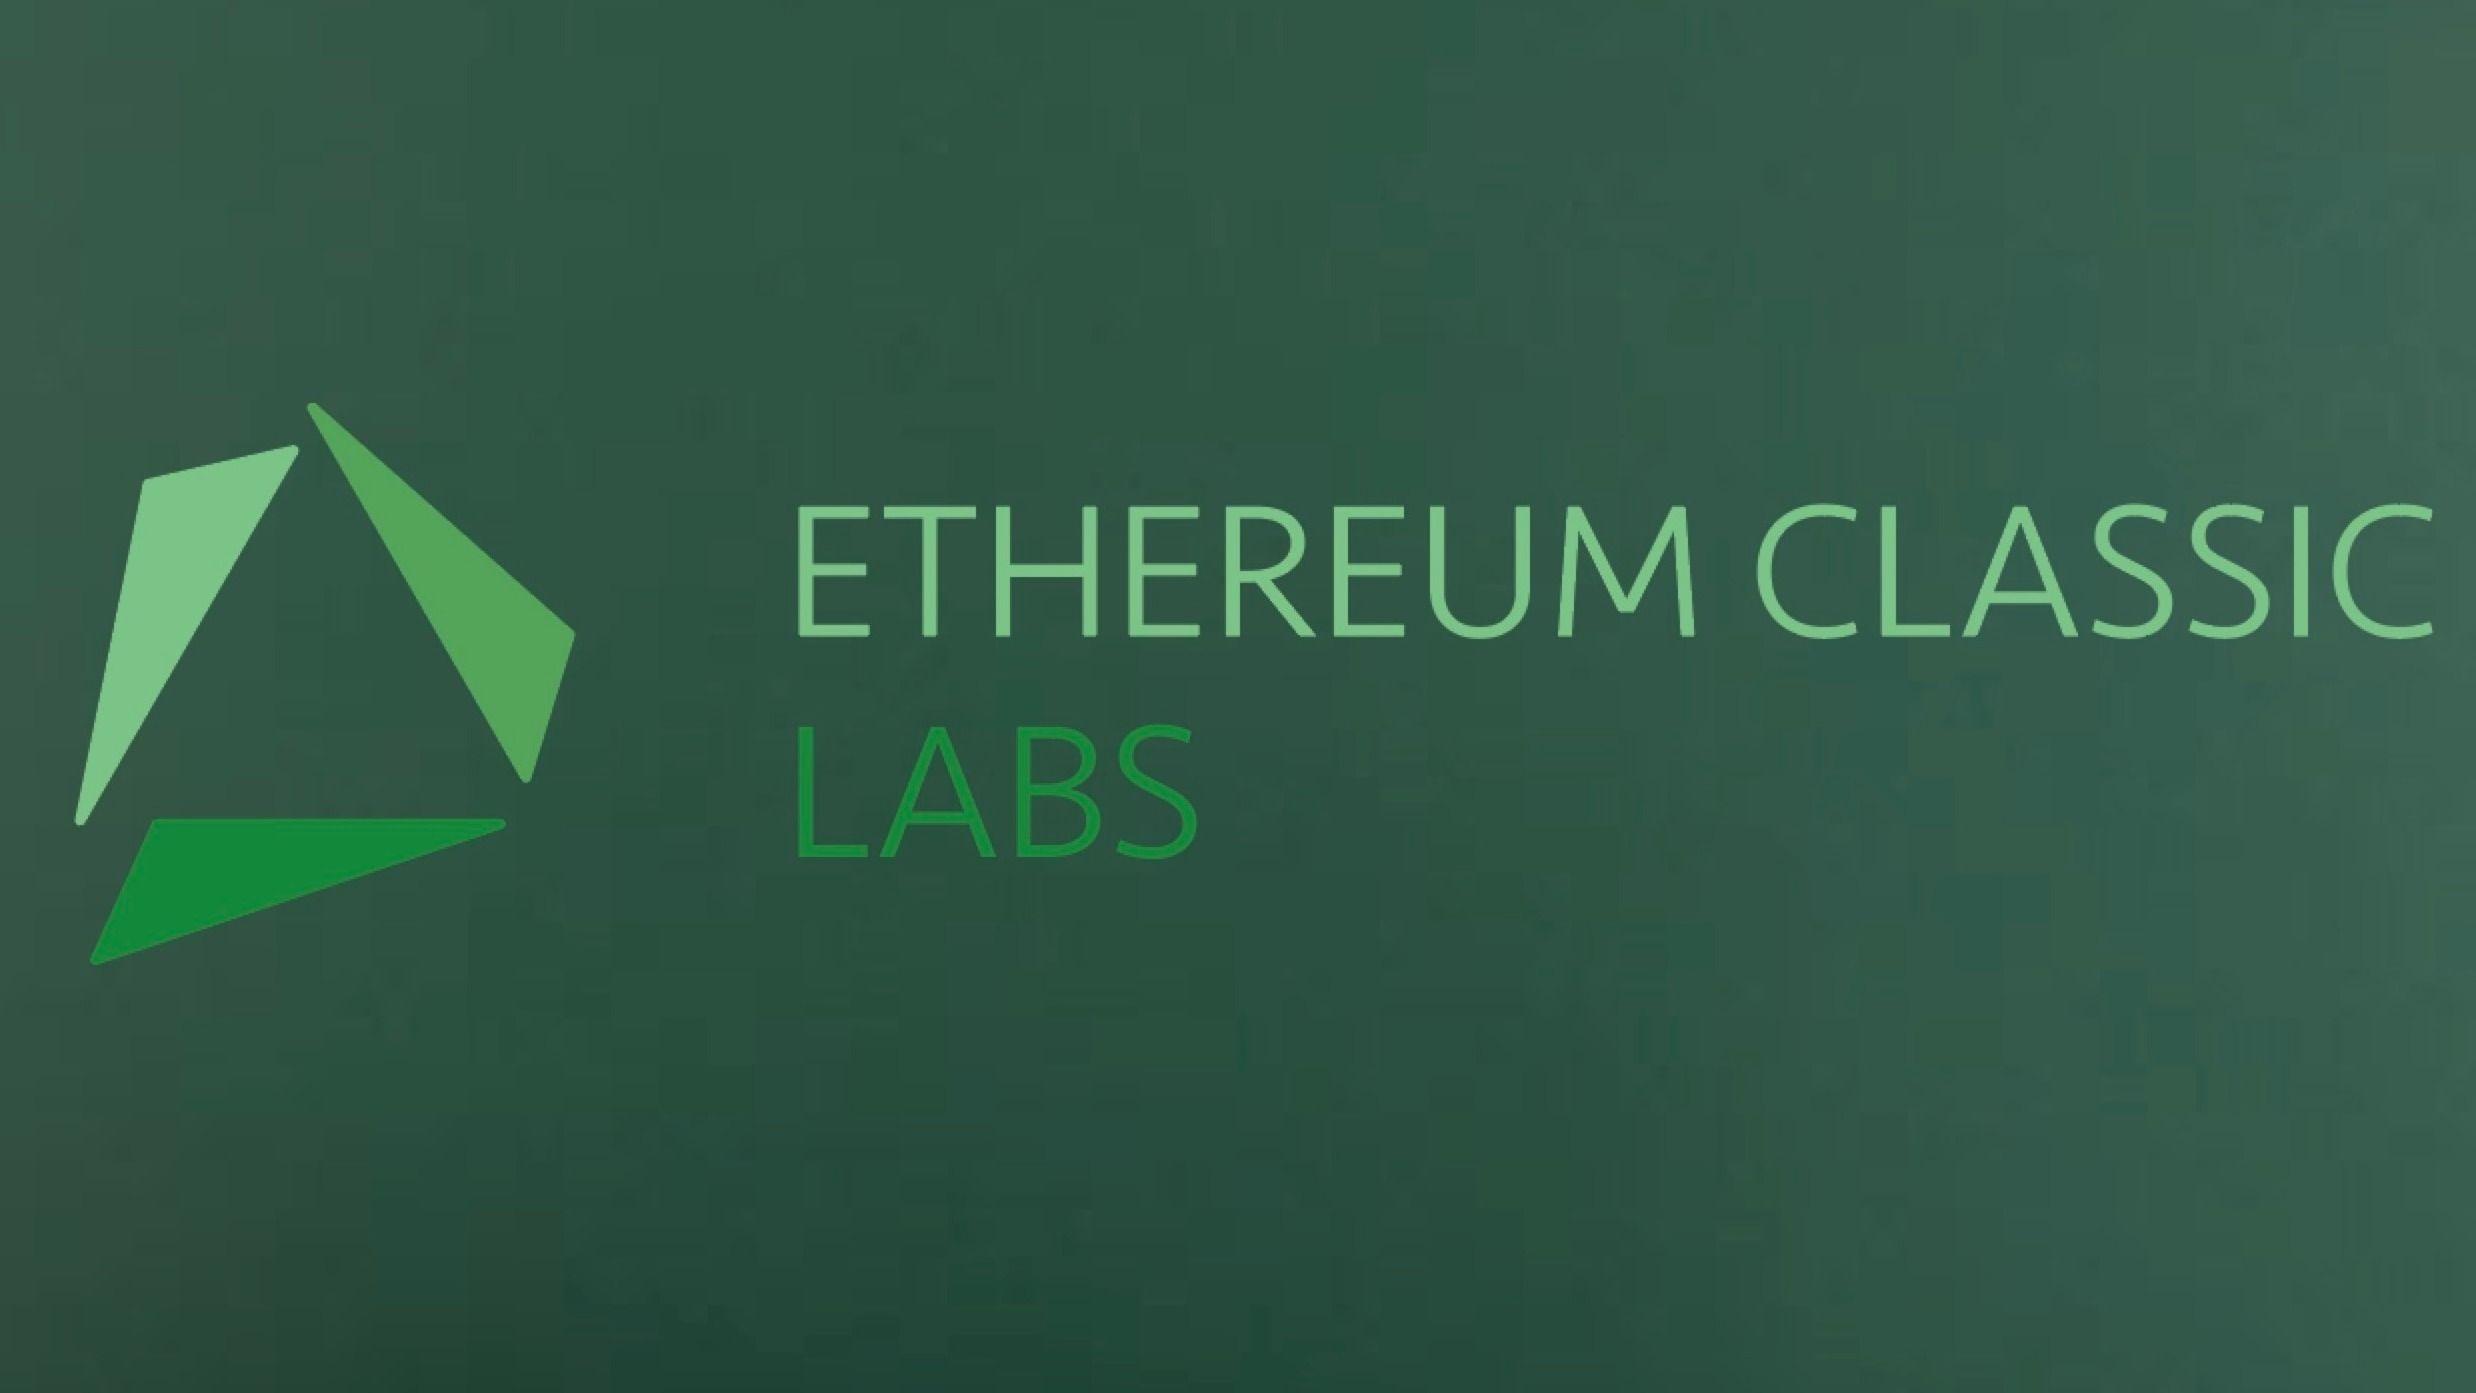 giá bitcoin: Ethereum Foundation, ETC Labs tuyên bố cùng đầu tư vào dự án Chainsafe và Whiteblock